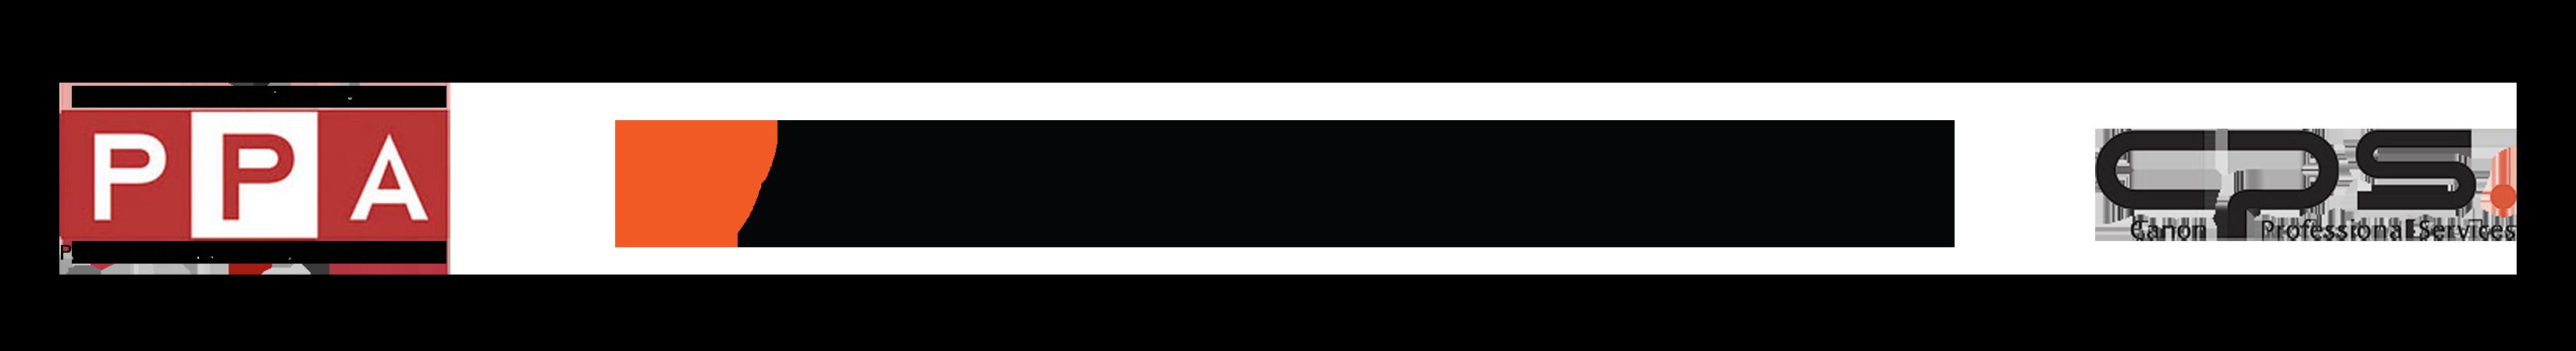 Membership Banner II.png